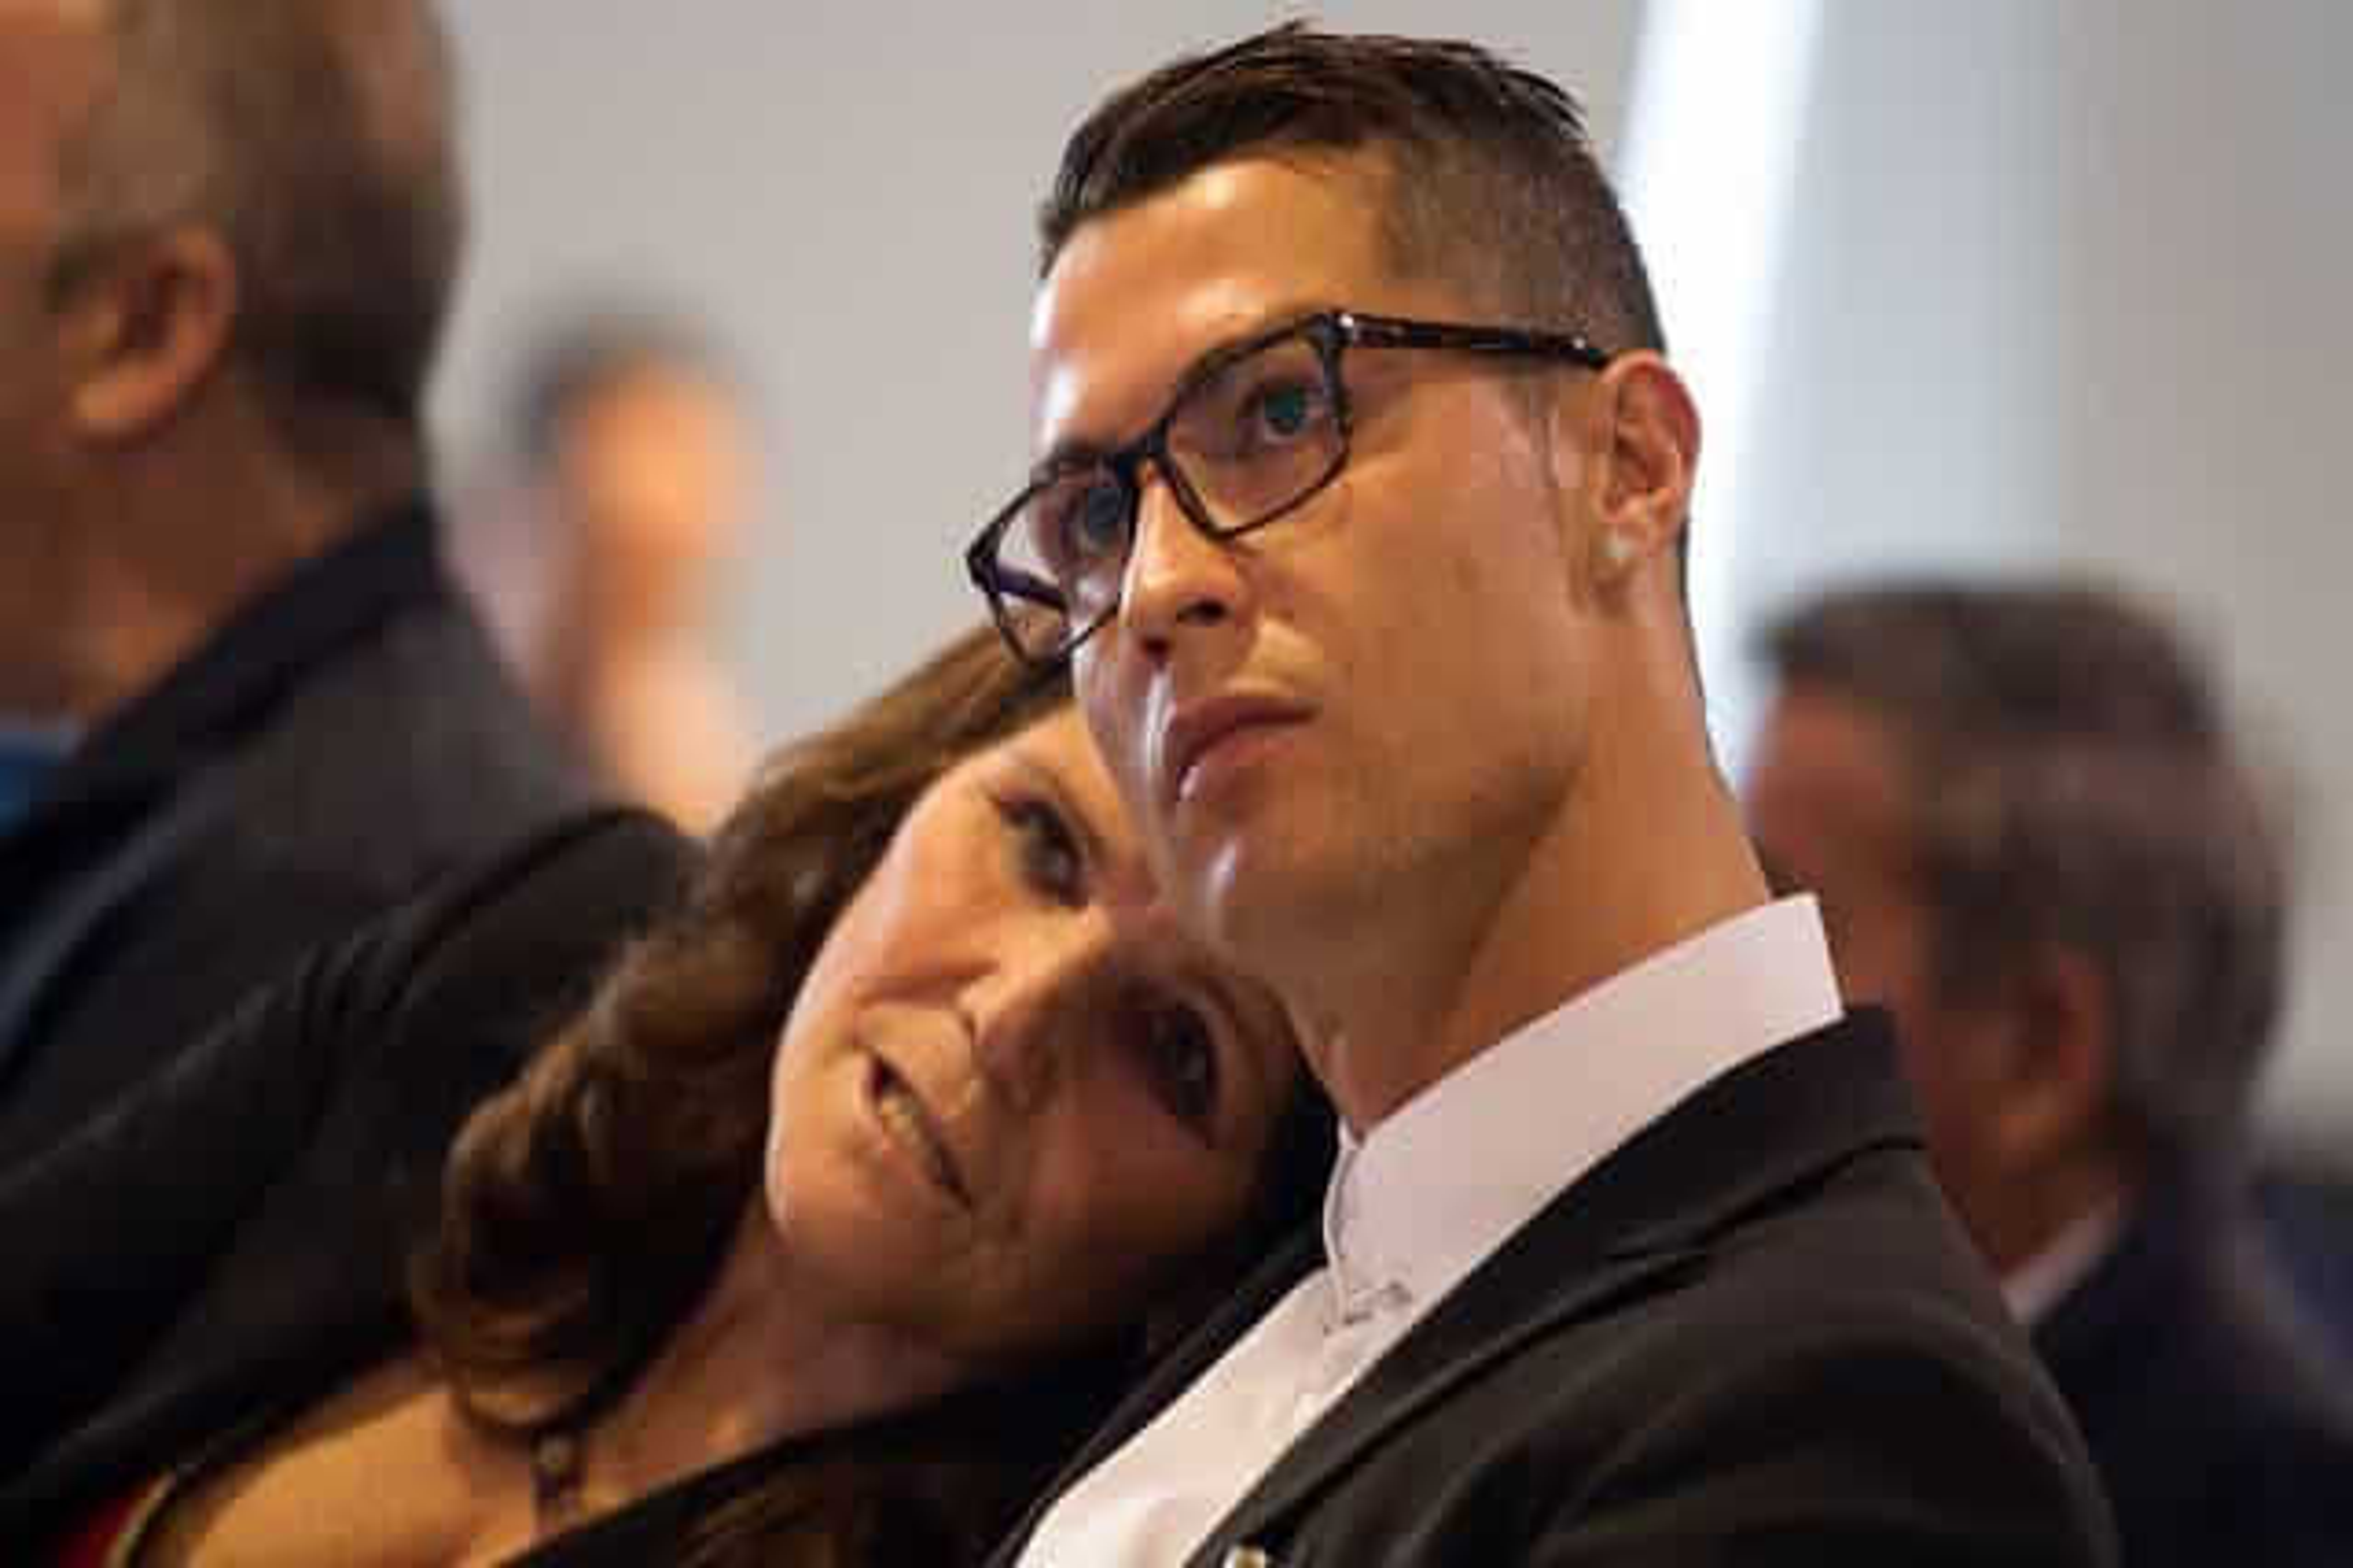 Dolores Aveiro dá os parabéns a Cristiano Ronaldo